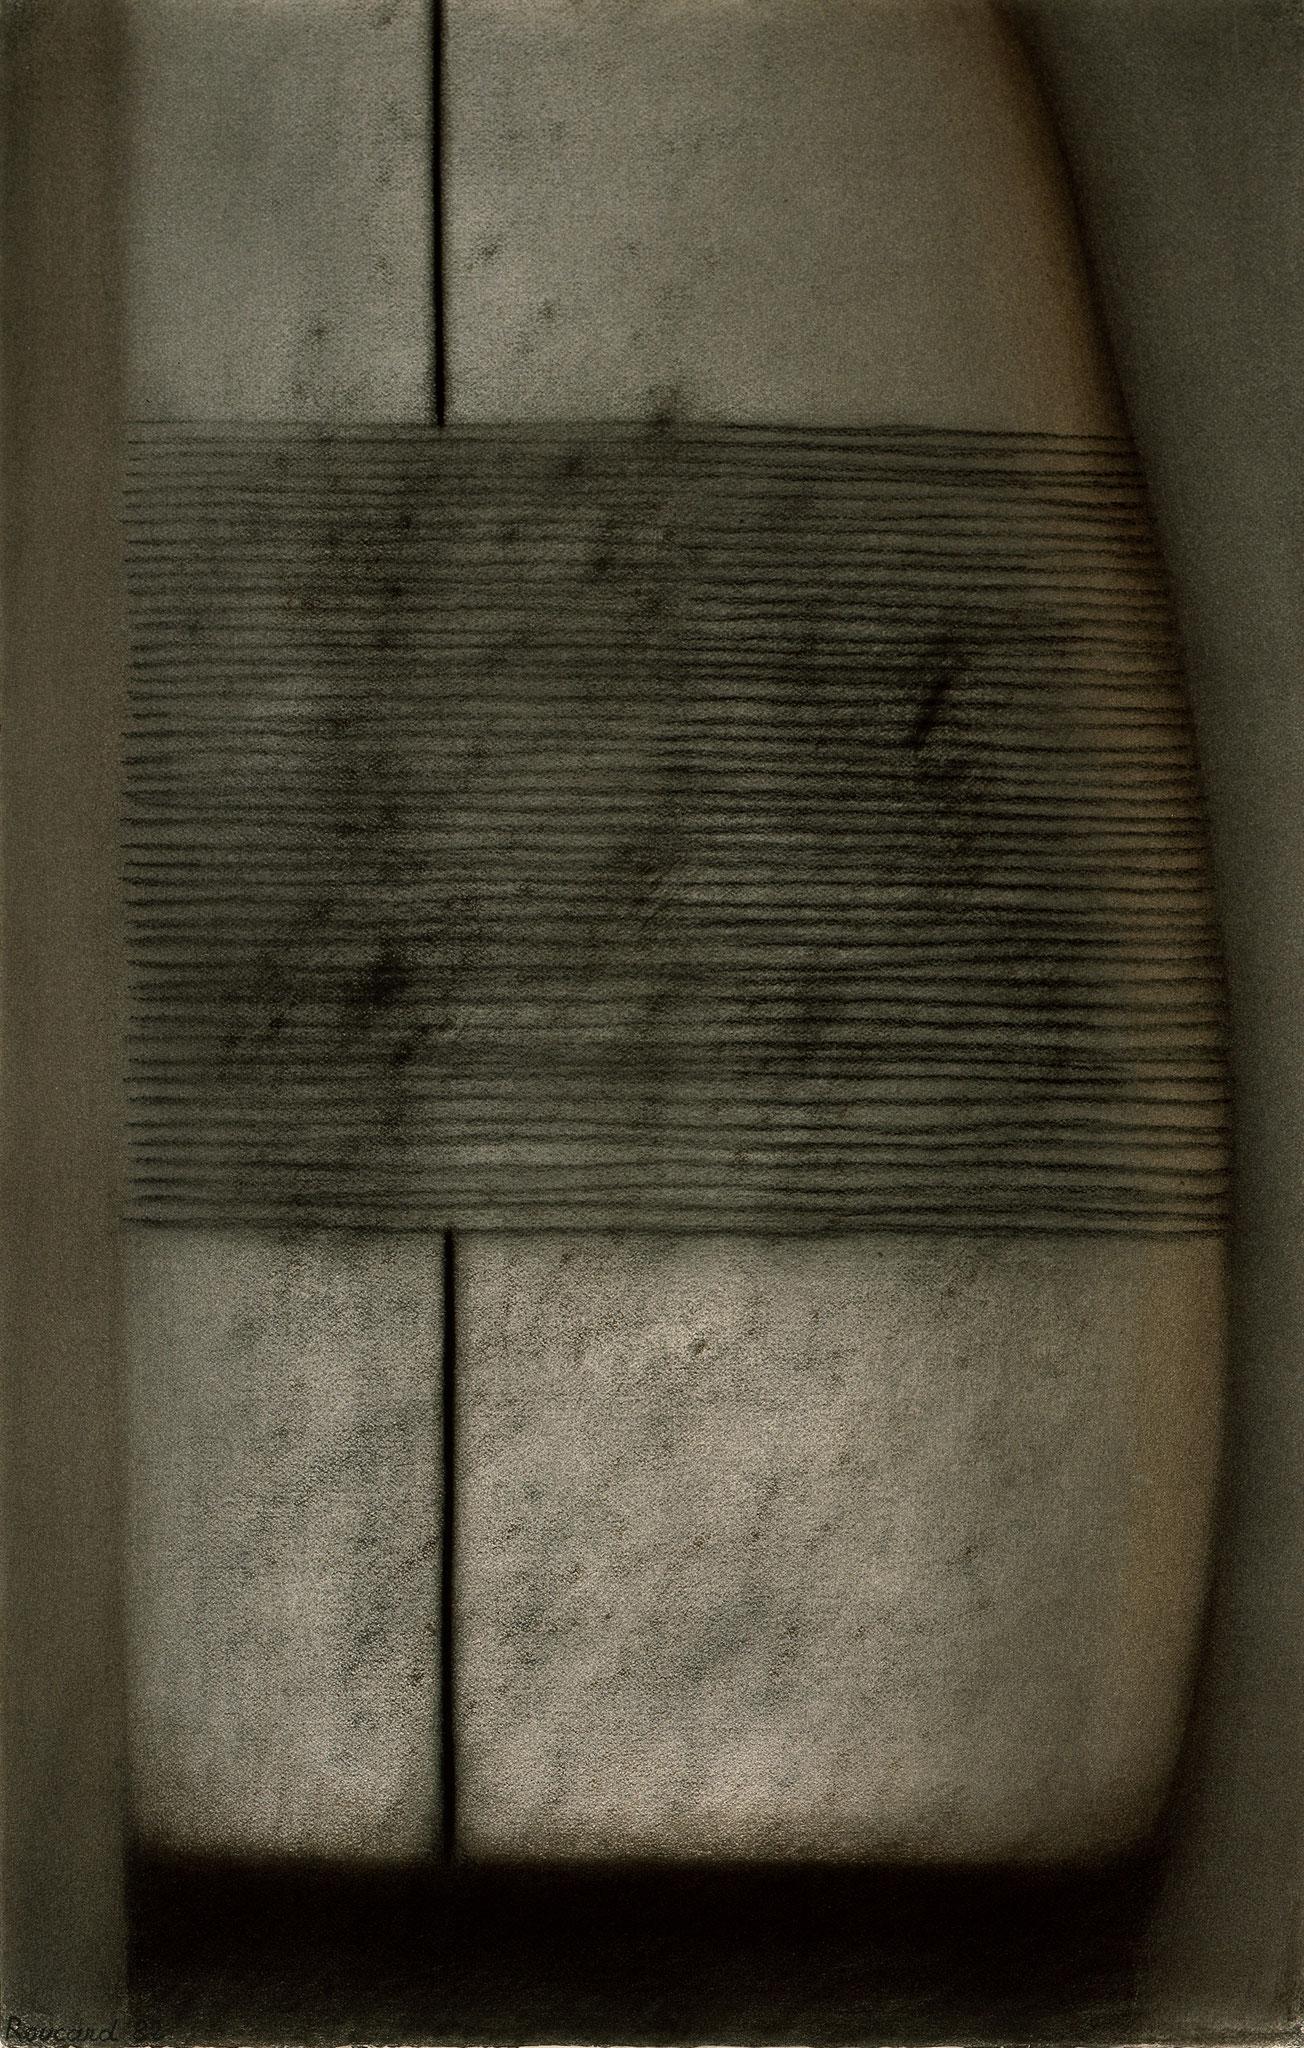 1982. 100 x 65 cm. Fusain sur papier